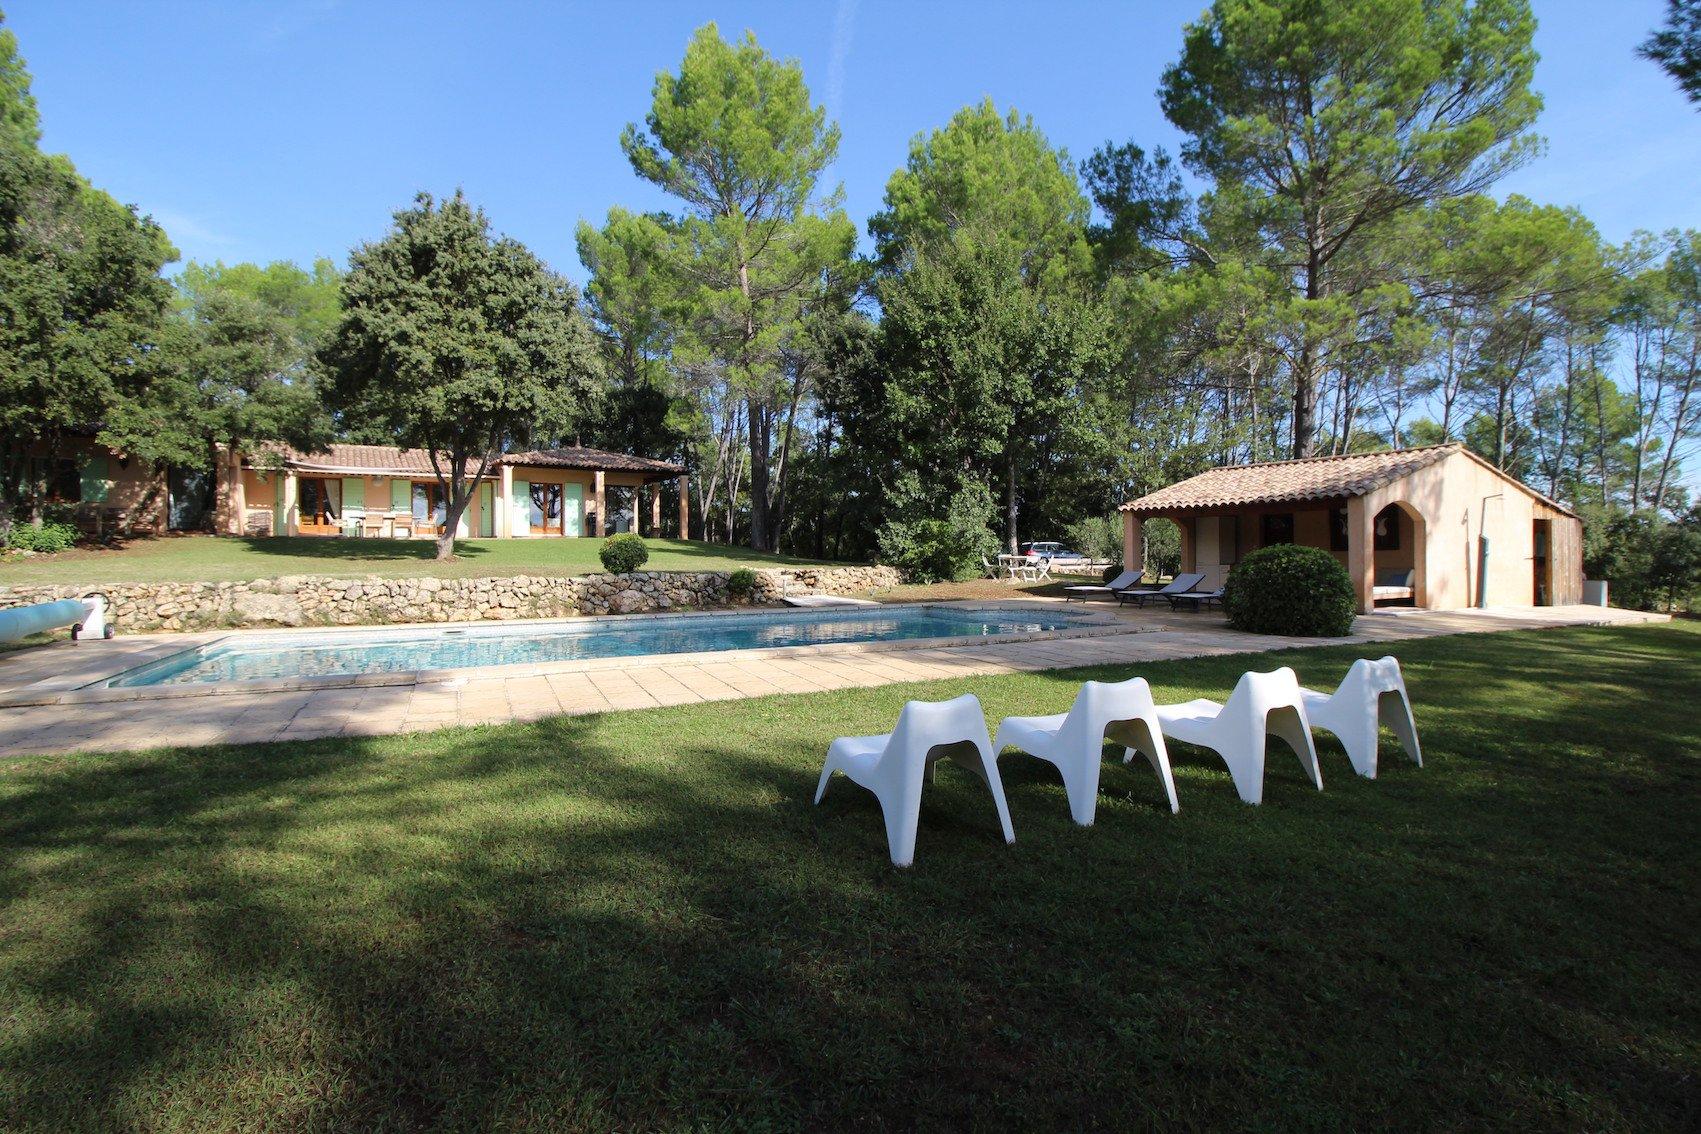 Cotignac, une maison pleine de charme dans un cadre campagne exceptionnel